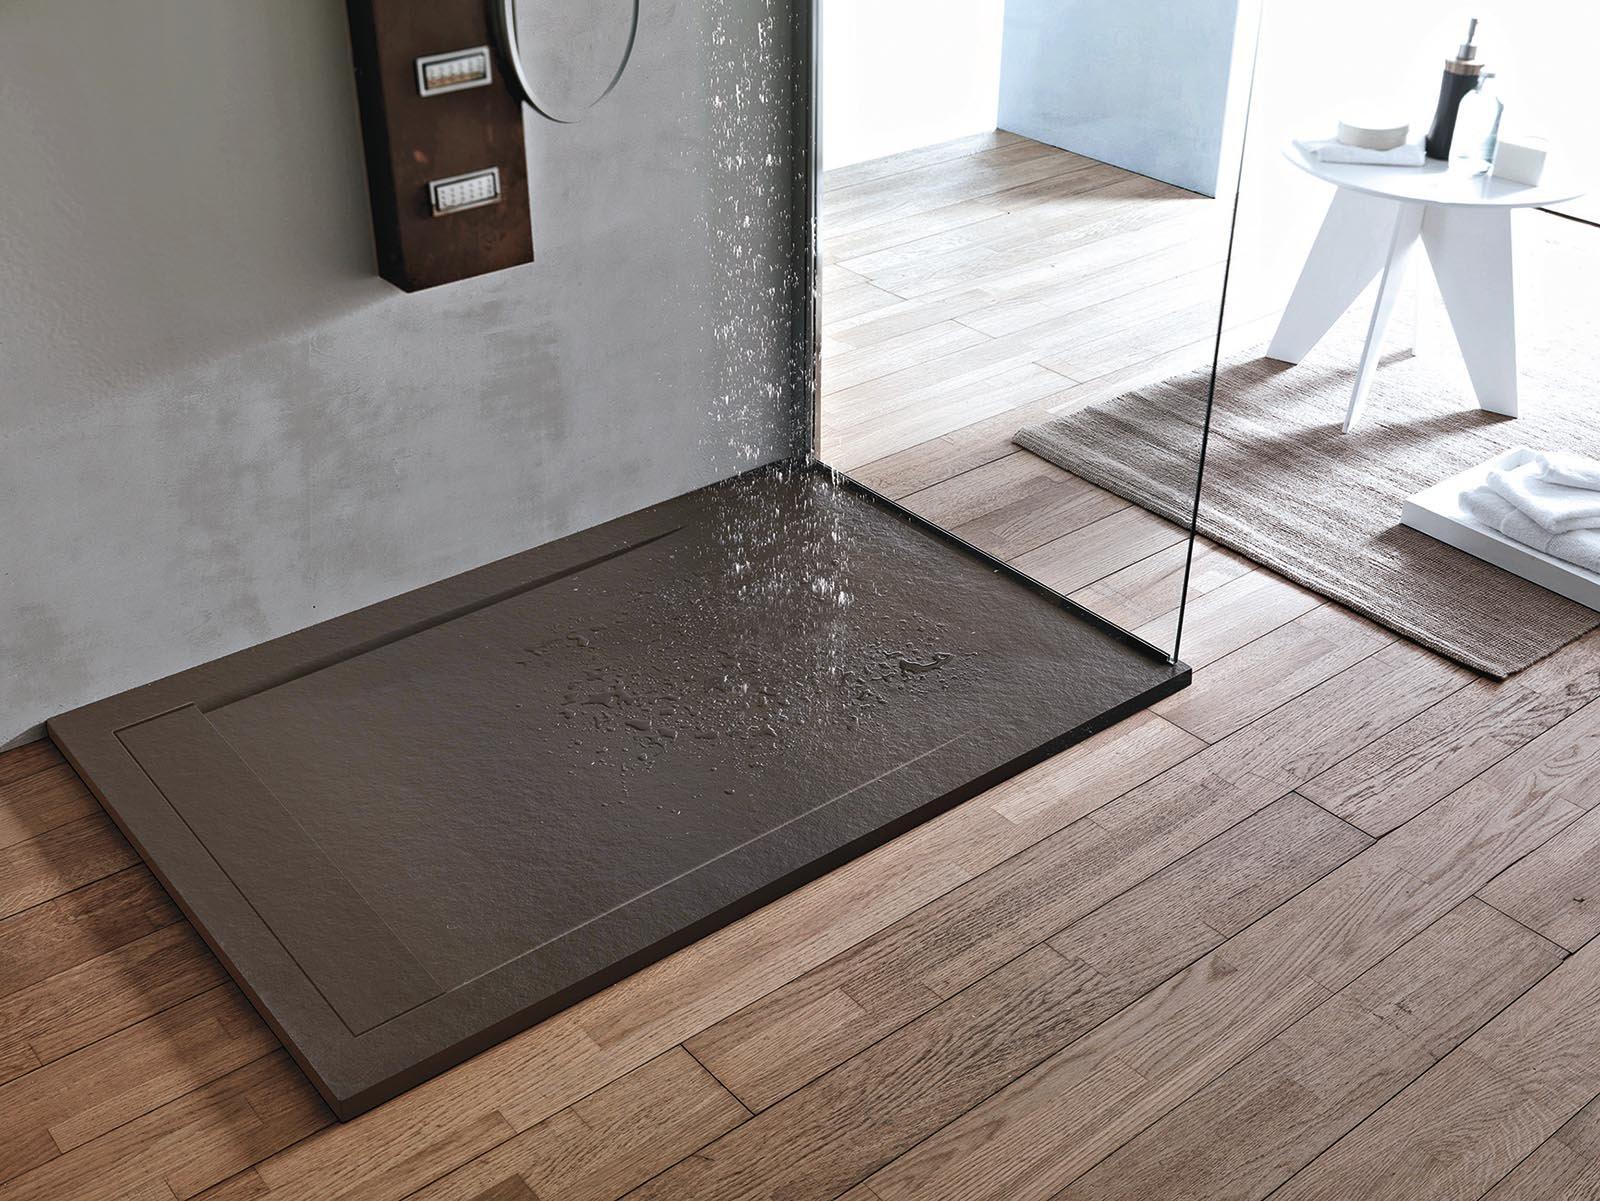 Piatti doccia colorati cose di casa - Posare un piatto doccia ...